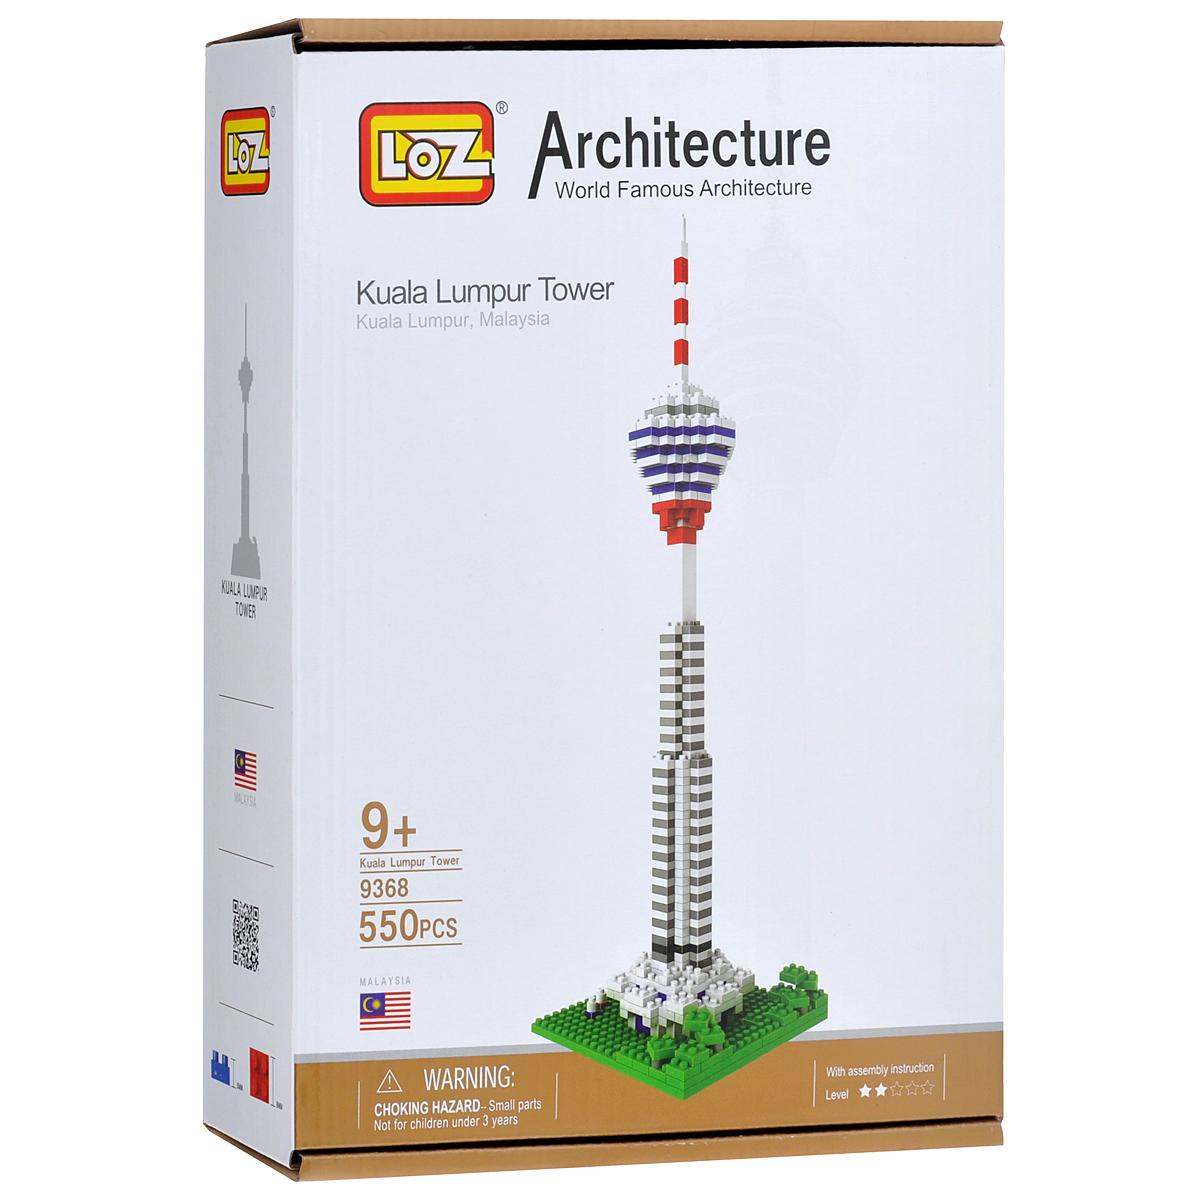 Loztoys Конструктор Башня Куала Лумпур9368Конструктор-макет Башня Куала Лумпур - прекрасный способ провести время увлекательно и с пользой. Комплект включает в себя 550 элементов, из которых вы и ваш ребенок сможете собрать модель башни Куала Лумпур, которая является символом столицы Малайзии. Для сборки модели клей и ножницы не понадобятся. Элементы оснащены пазами для легкого соединения. В комплект входит схематичная инструкция по сборке.